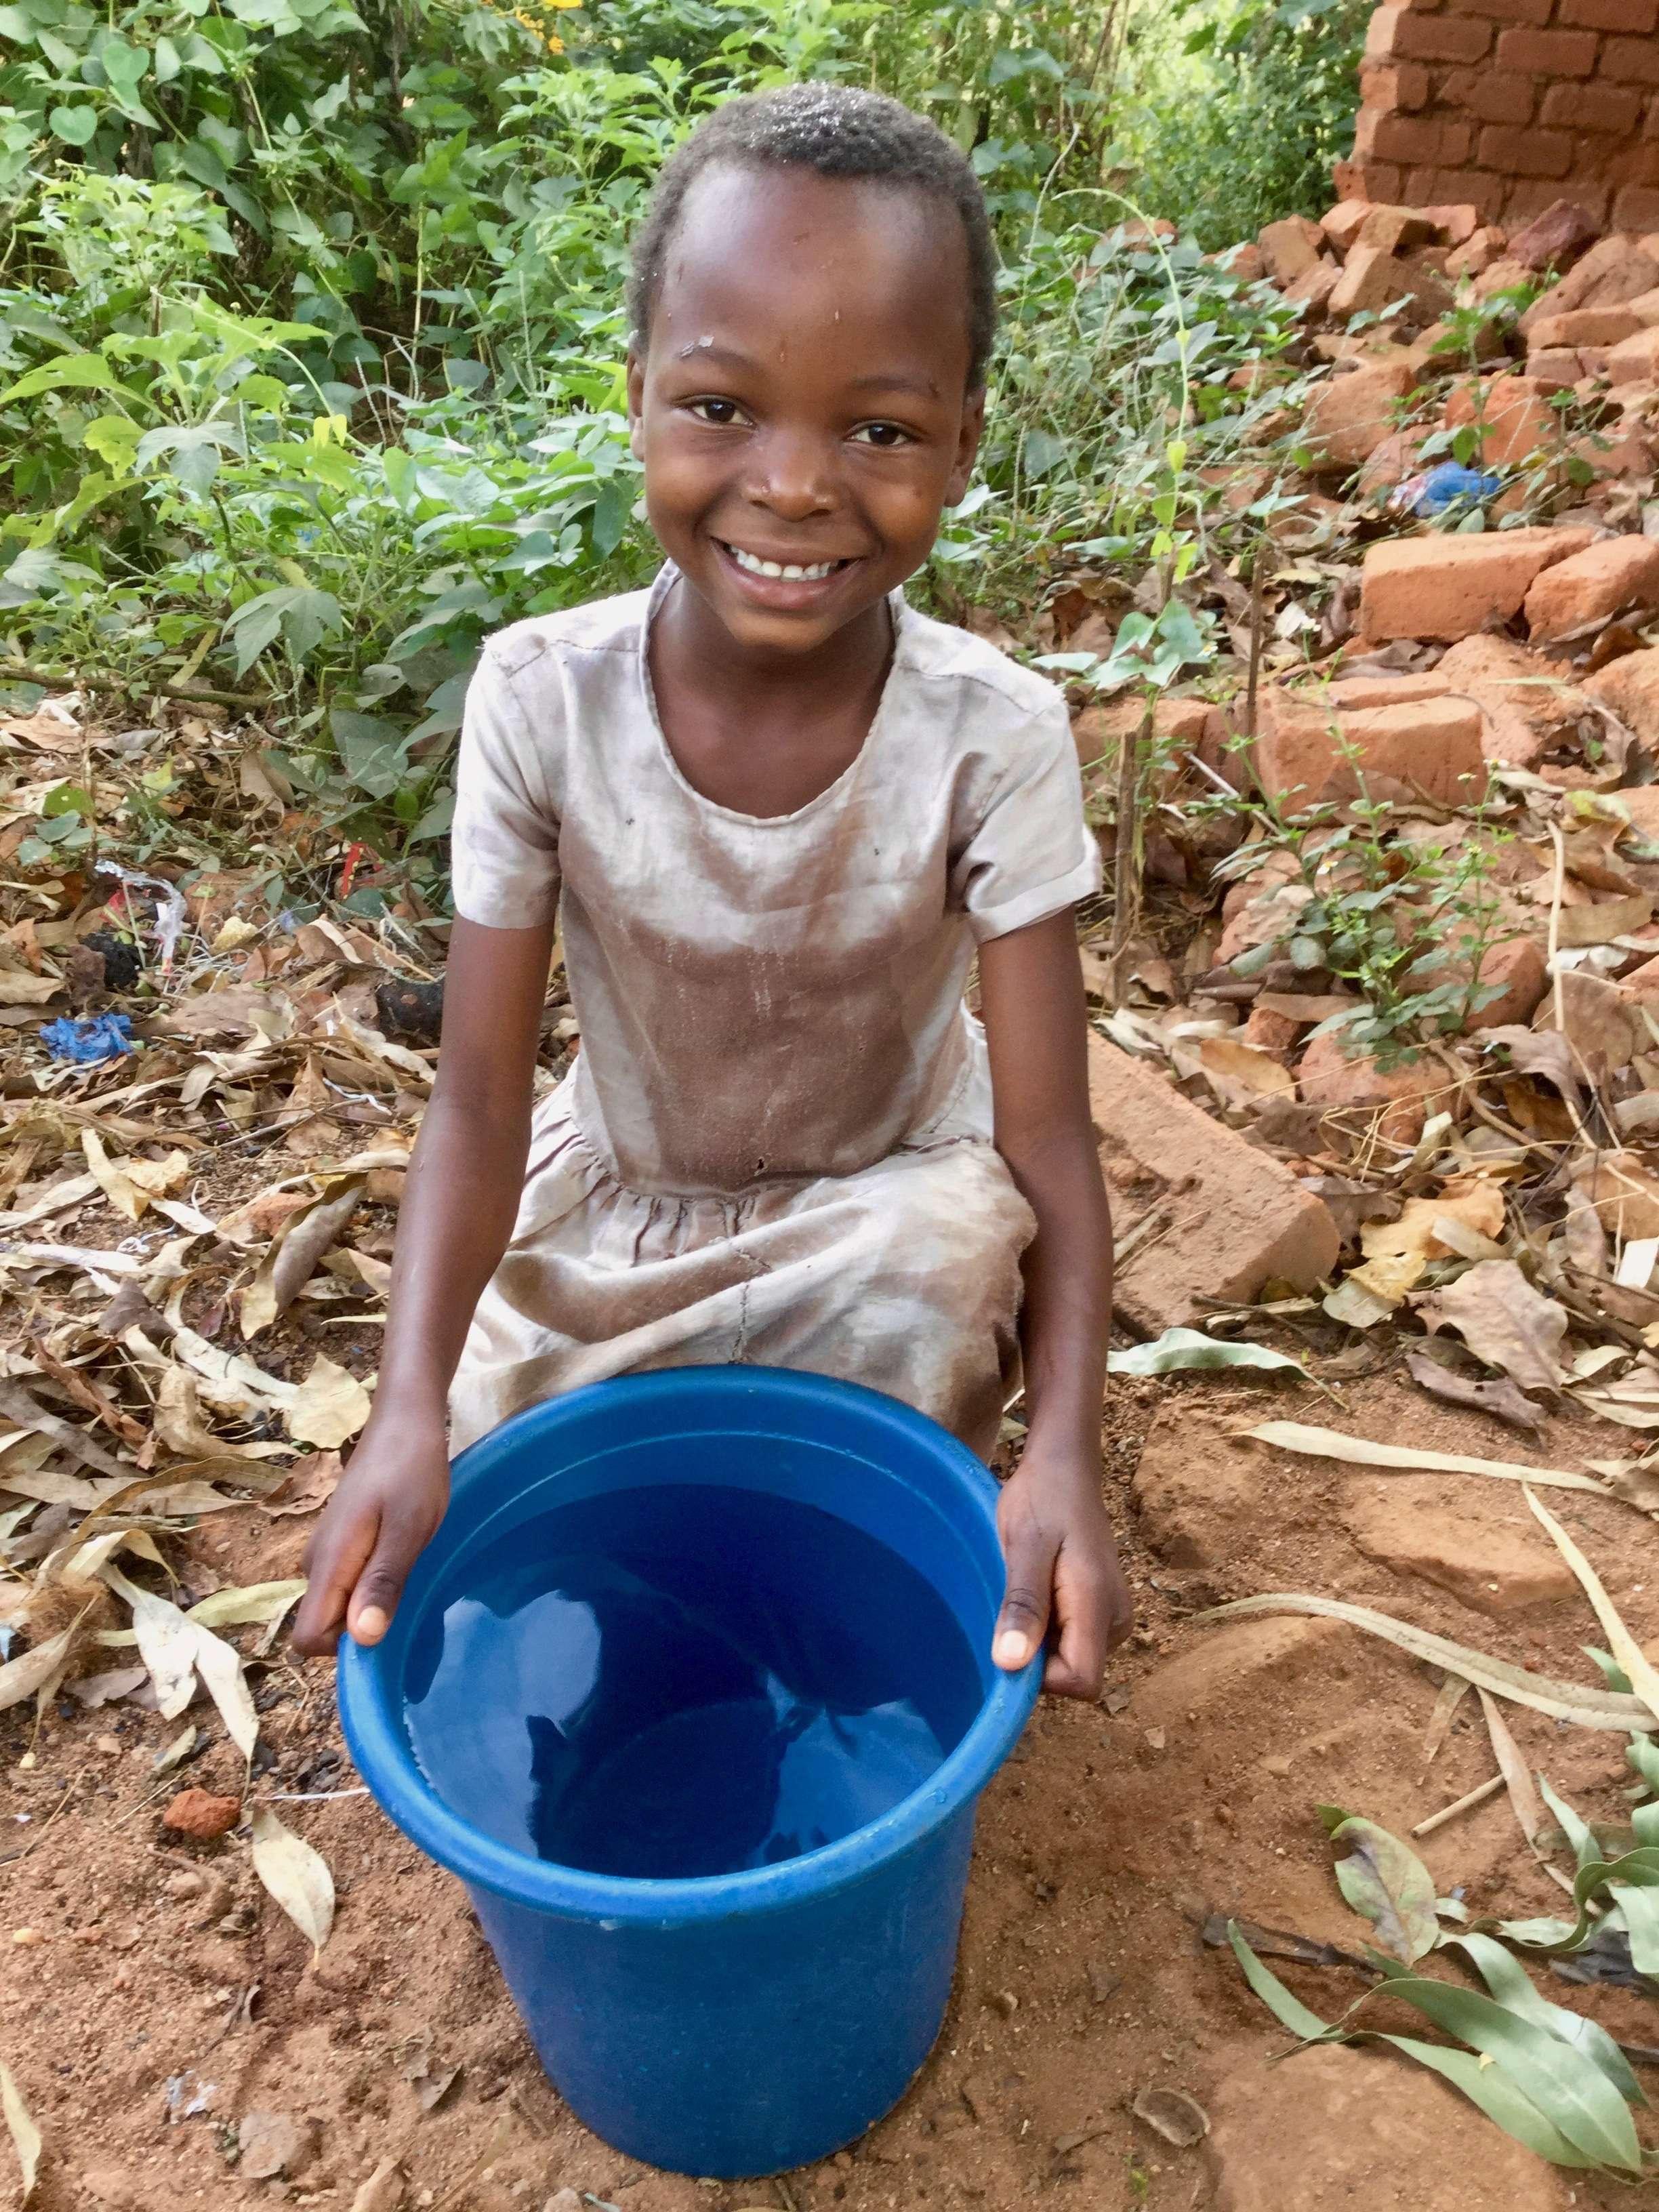 Image 4 Girl with Water Bucket